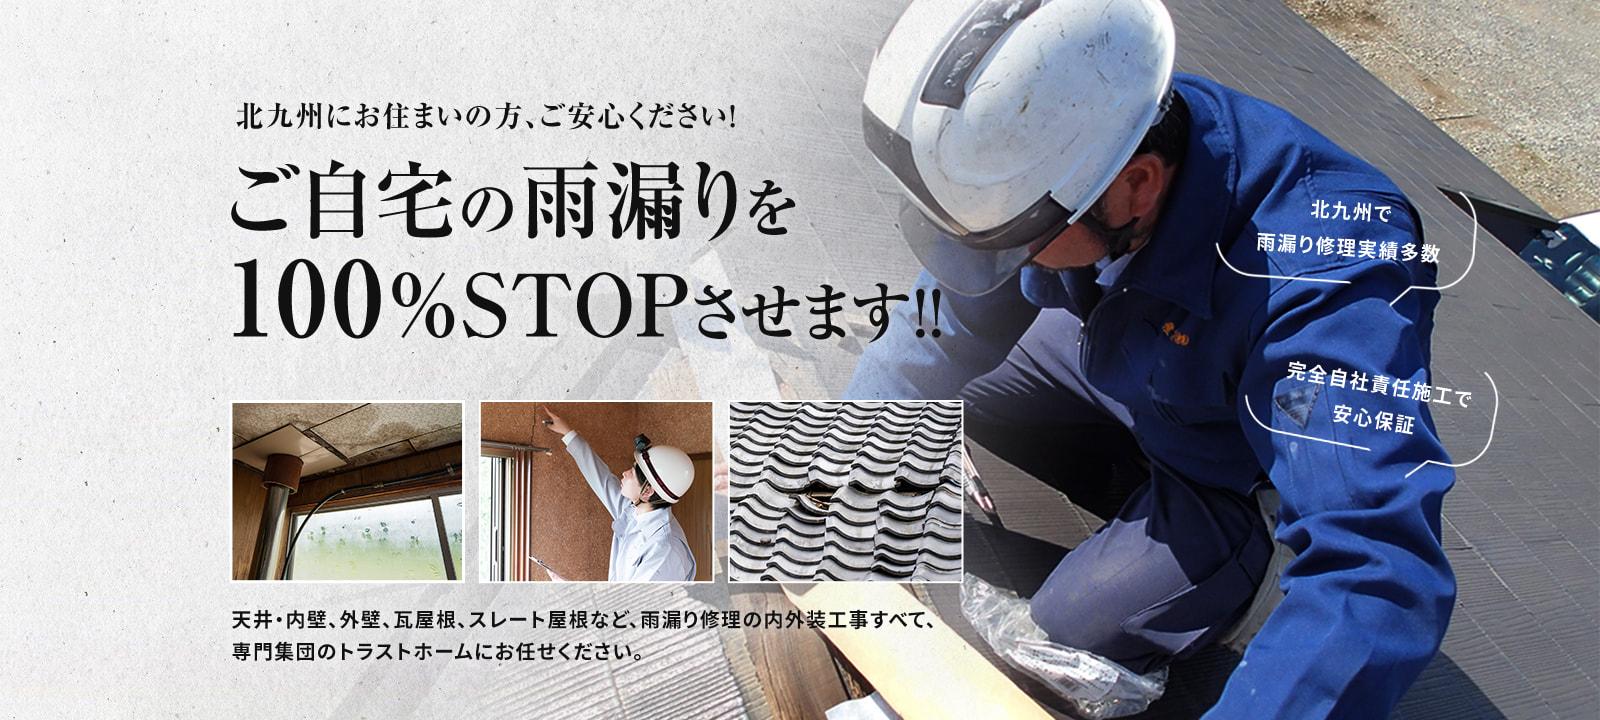 北九州にお住まいの方、ご安心ください!ご自宅の雨漏りを100%STOPさせます!!天井・内壁、外壁、瓦屋根、スレート屋根など、雨漏り修理の内外装工事すべて、専門集団のトラストホームにお任せください。北九州で雨漏り修理実績多数 完全自社責任施工で安心保証